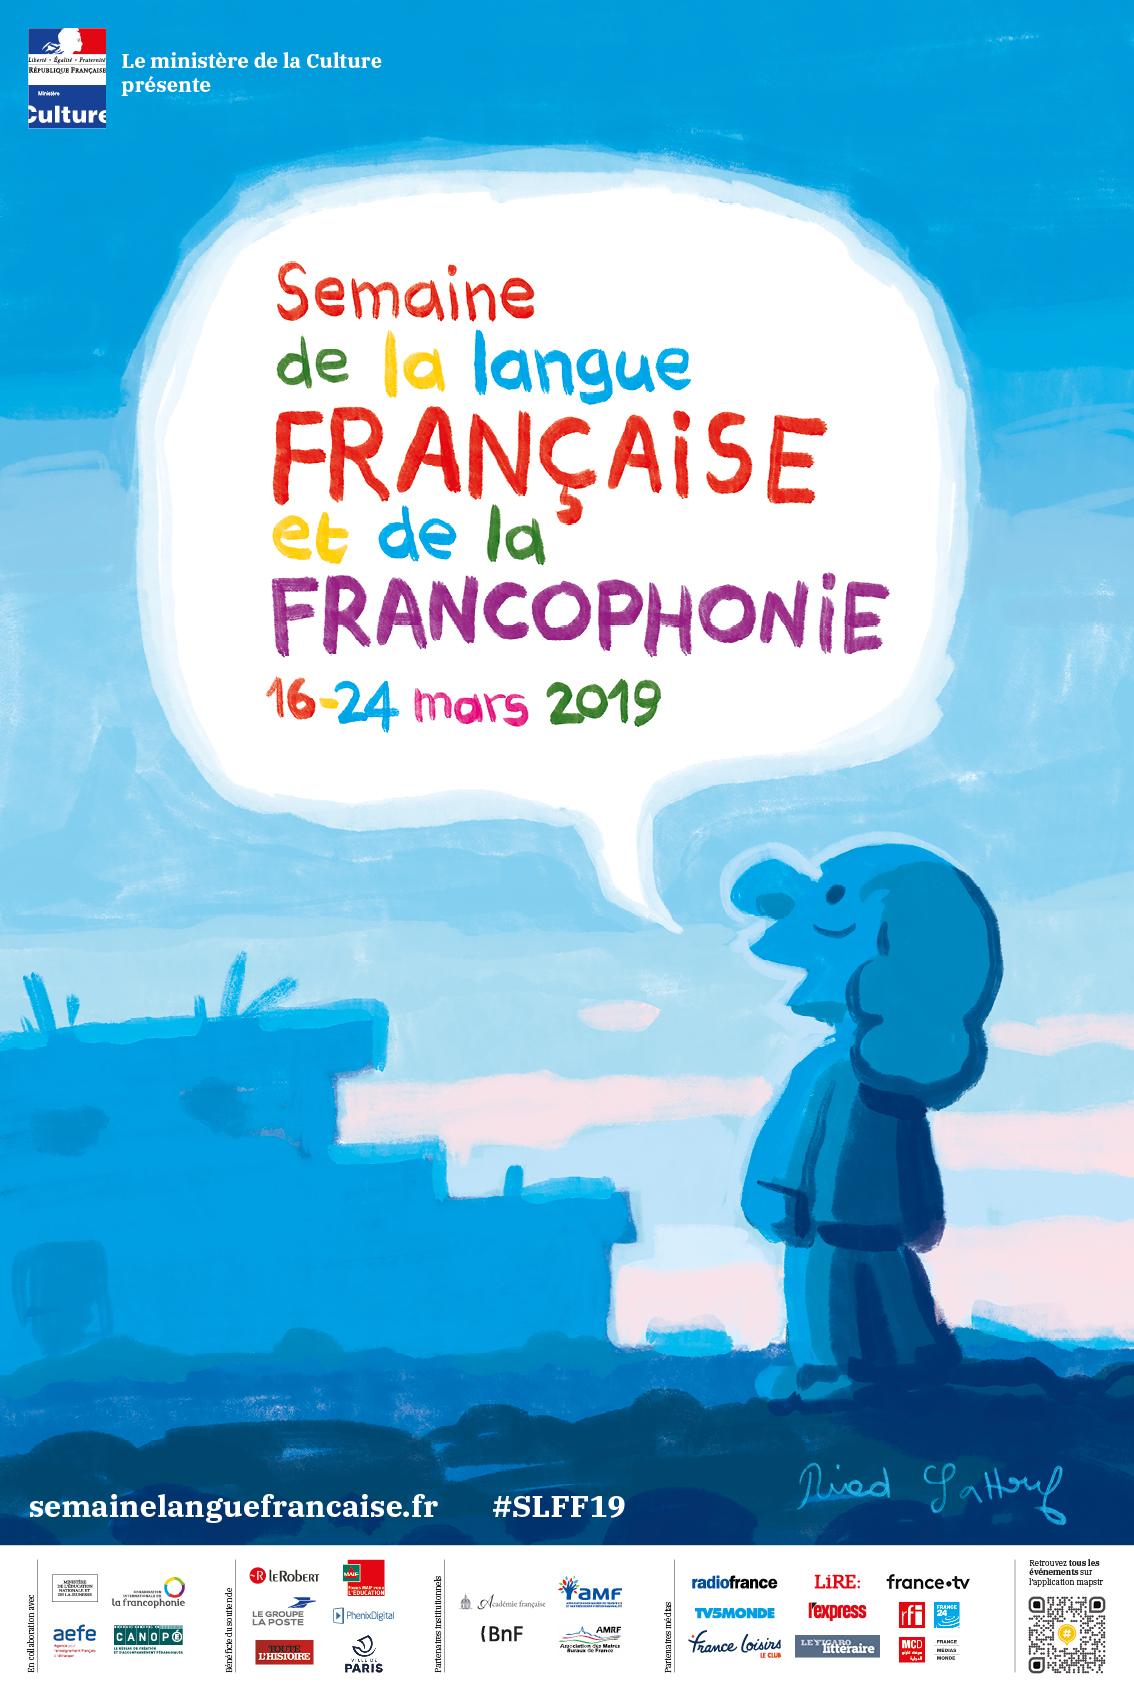 Semaine de la langue française et de la francophonie du 16 au 24 mars 2019